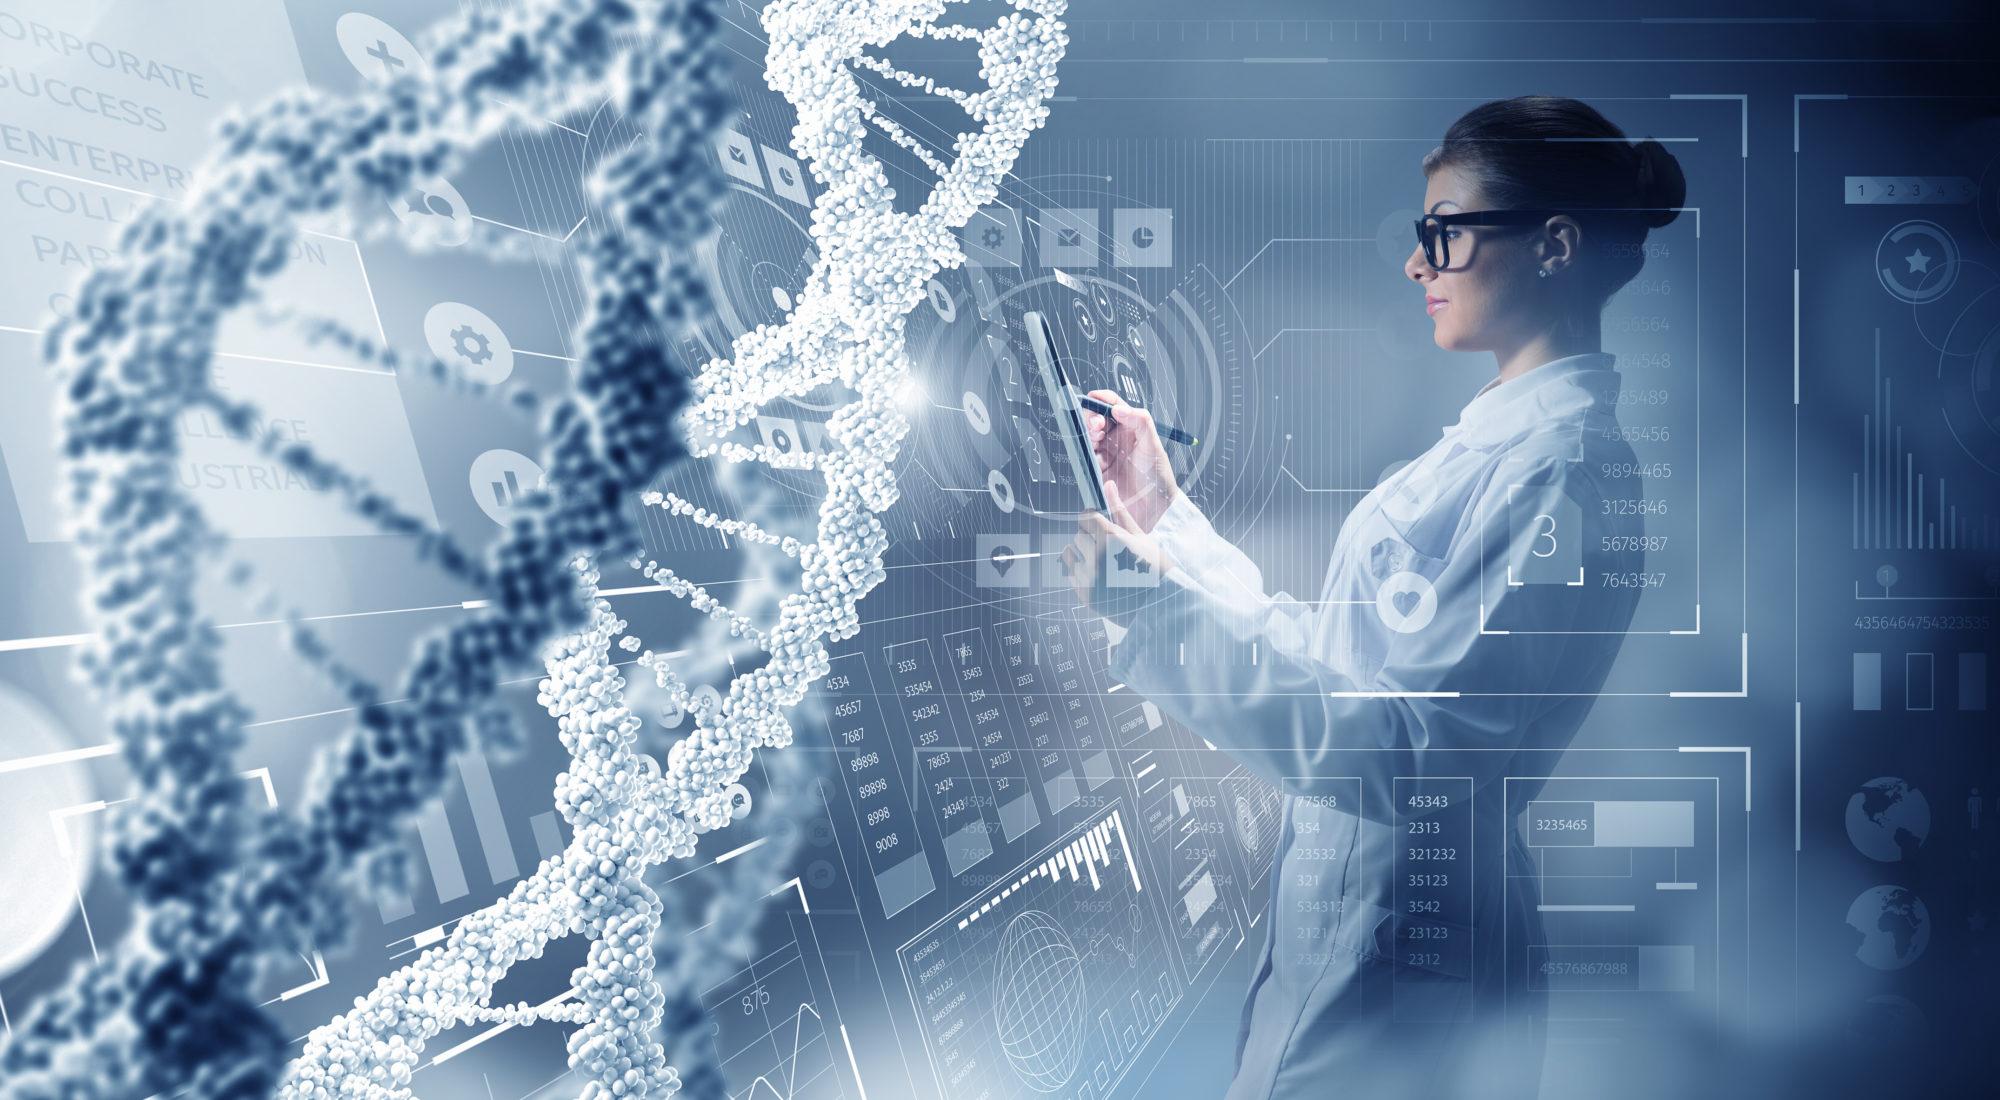 IA pode detectar doenças antes da manifestação dos sintomas